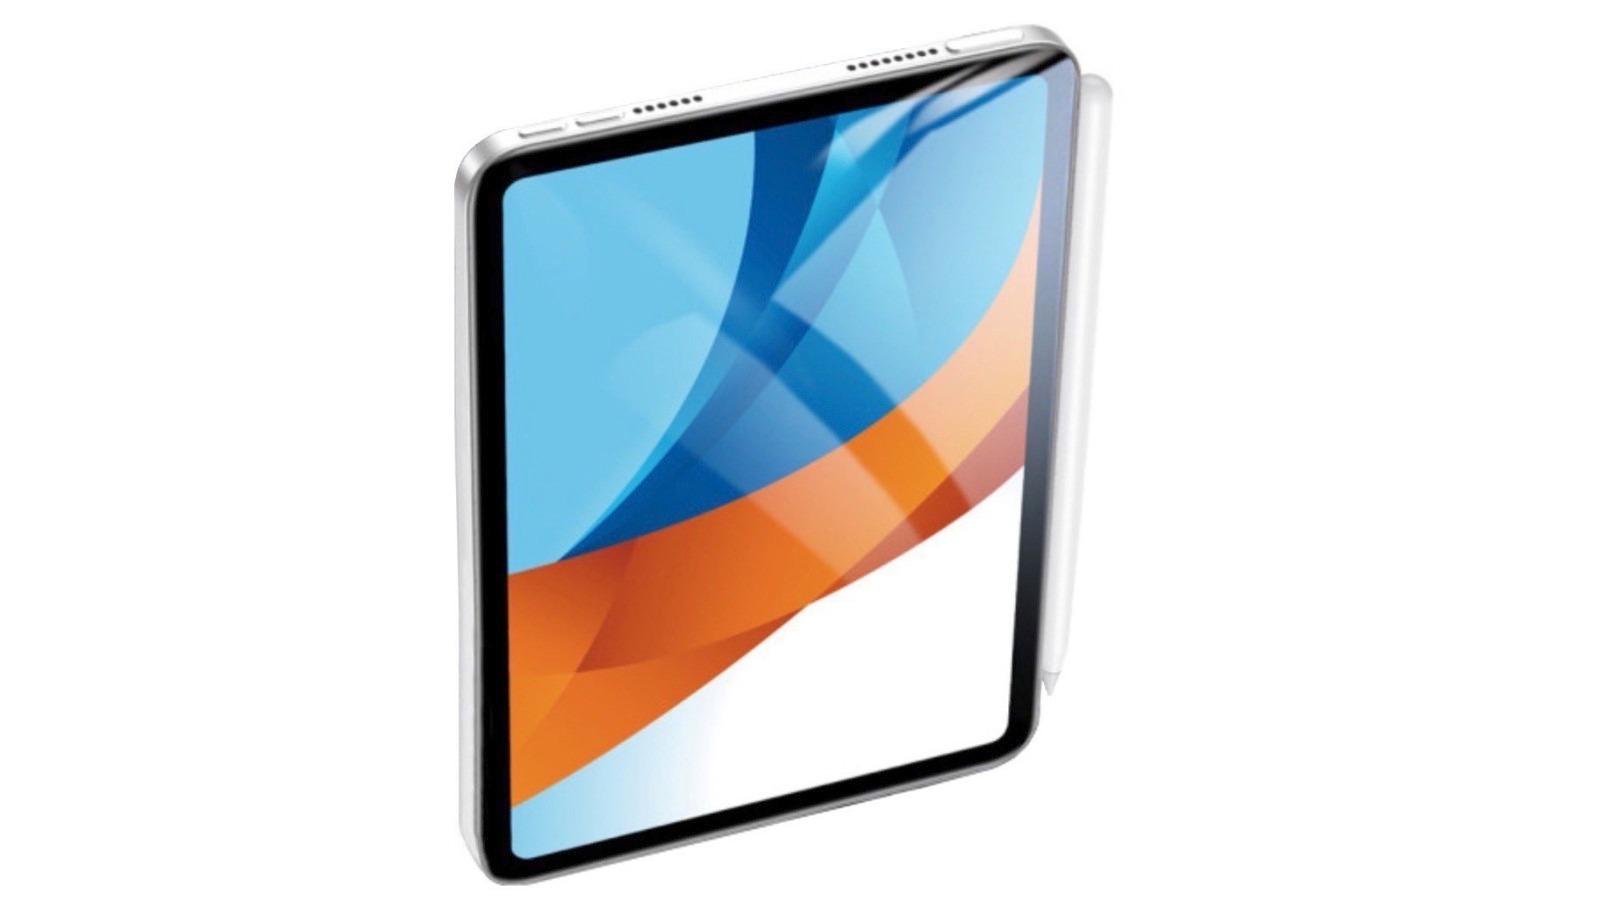 iPad mini với nút âm lượng trên đỉnh máy bước đột phá sau nhiều năm